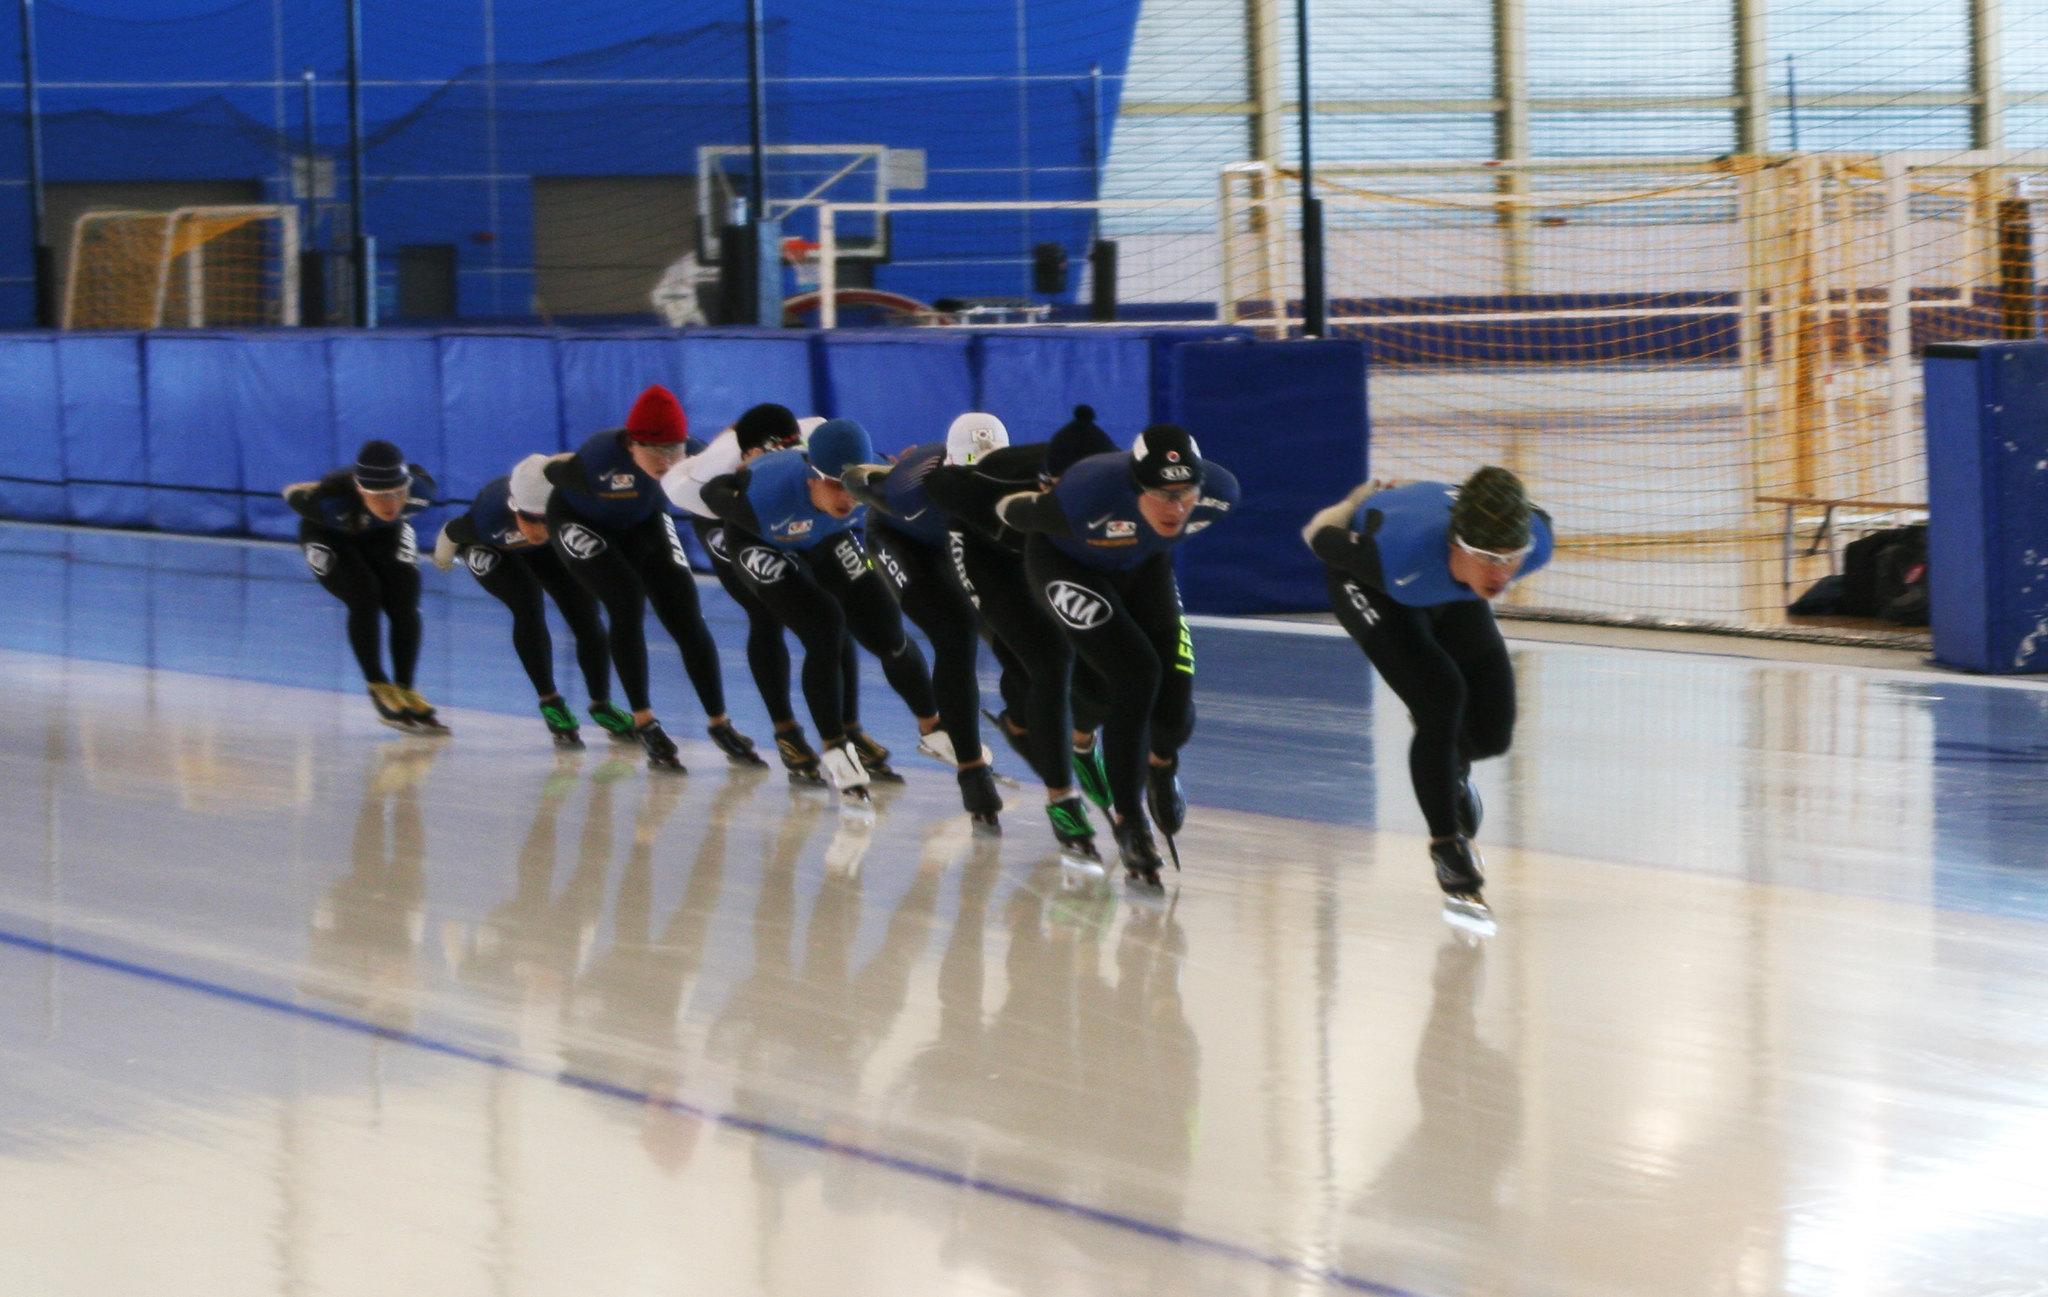 ワールドカップスピードスケート2019/20ベラルーシ結果速報・出場選手日程